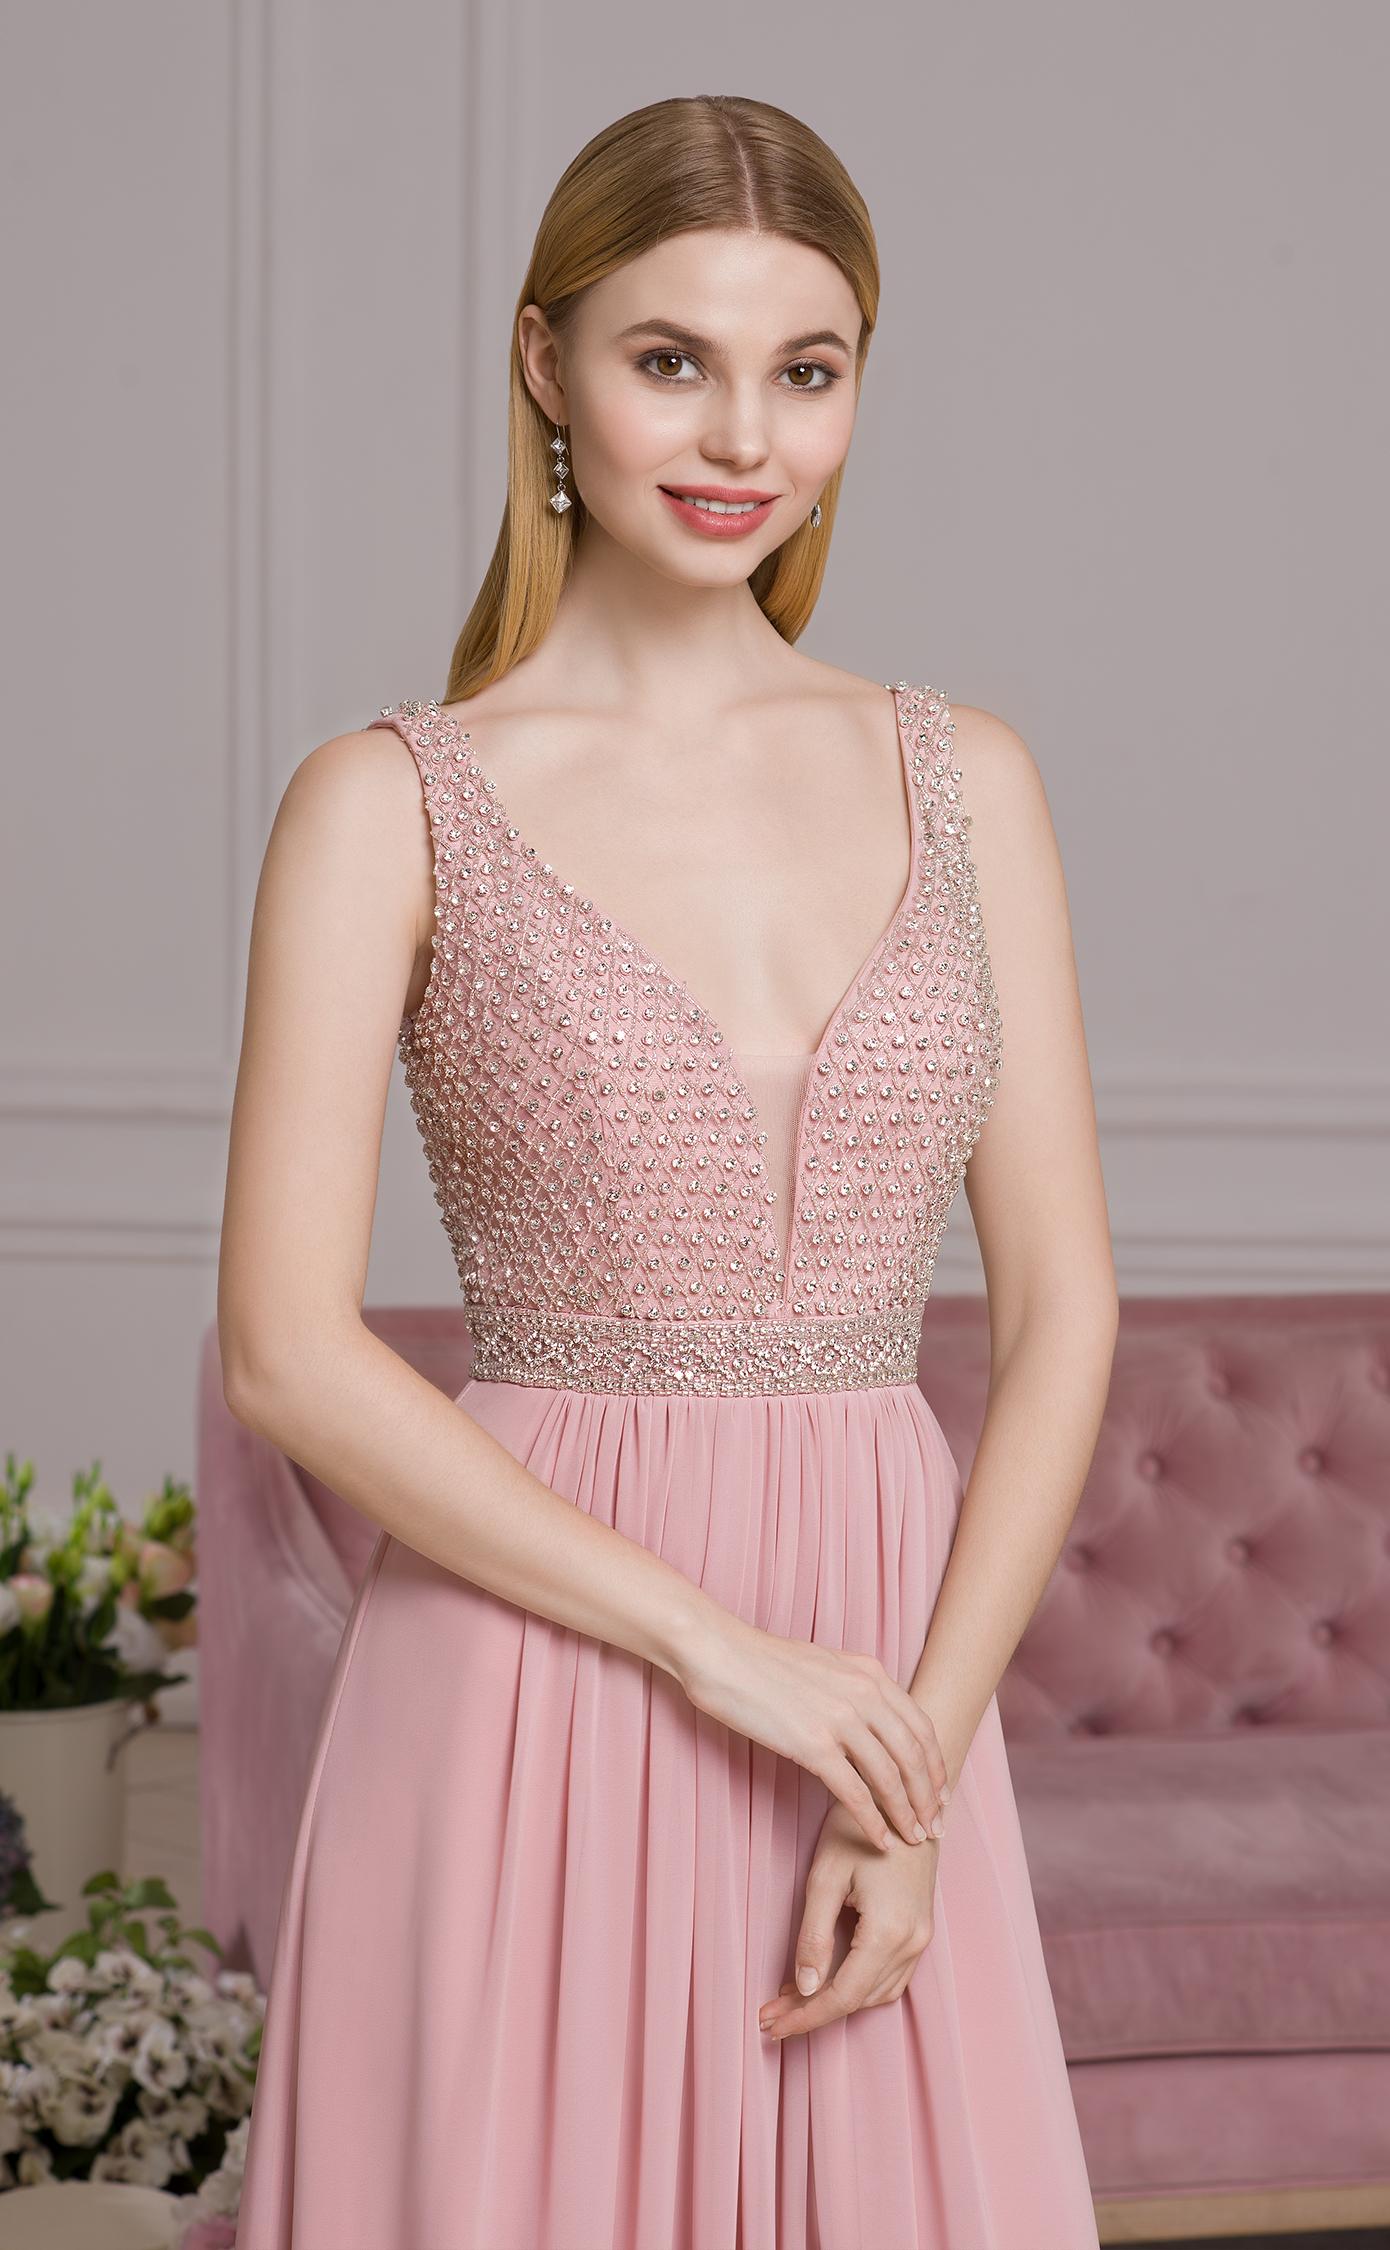 Reich verziertes Abendkleid altrosa | Samyra Fashion